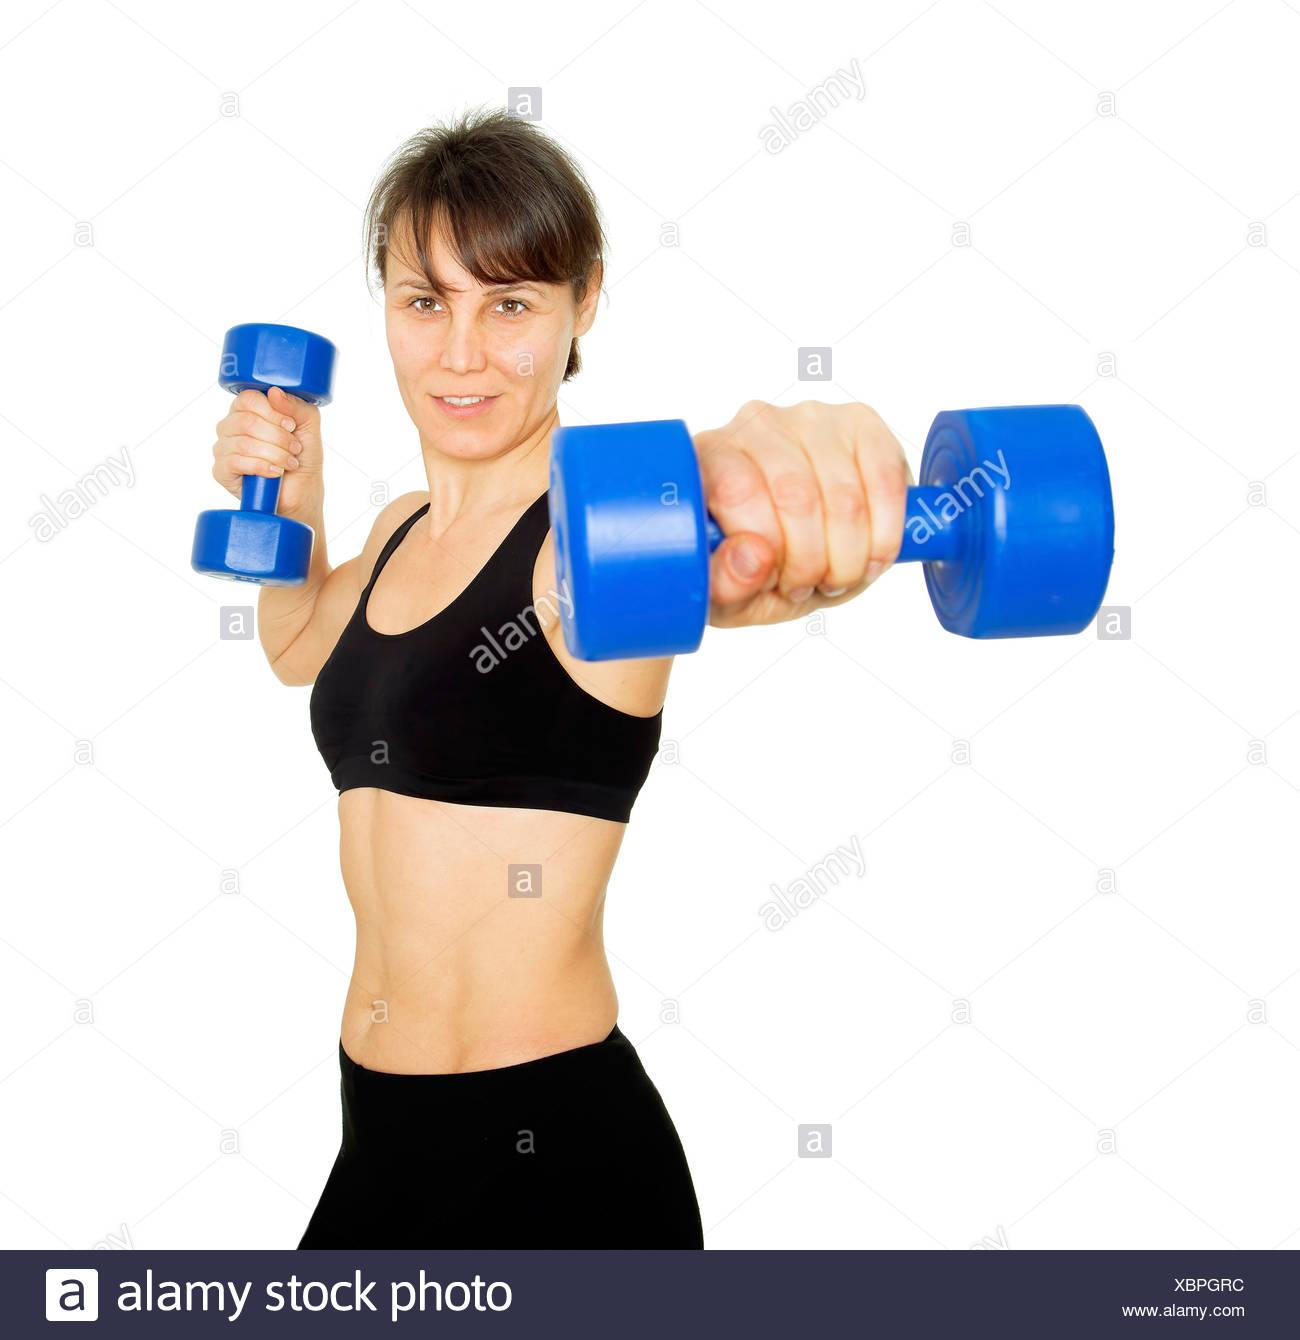 Levantamiento de pesas Imagen De Stock